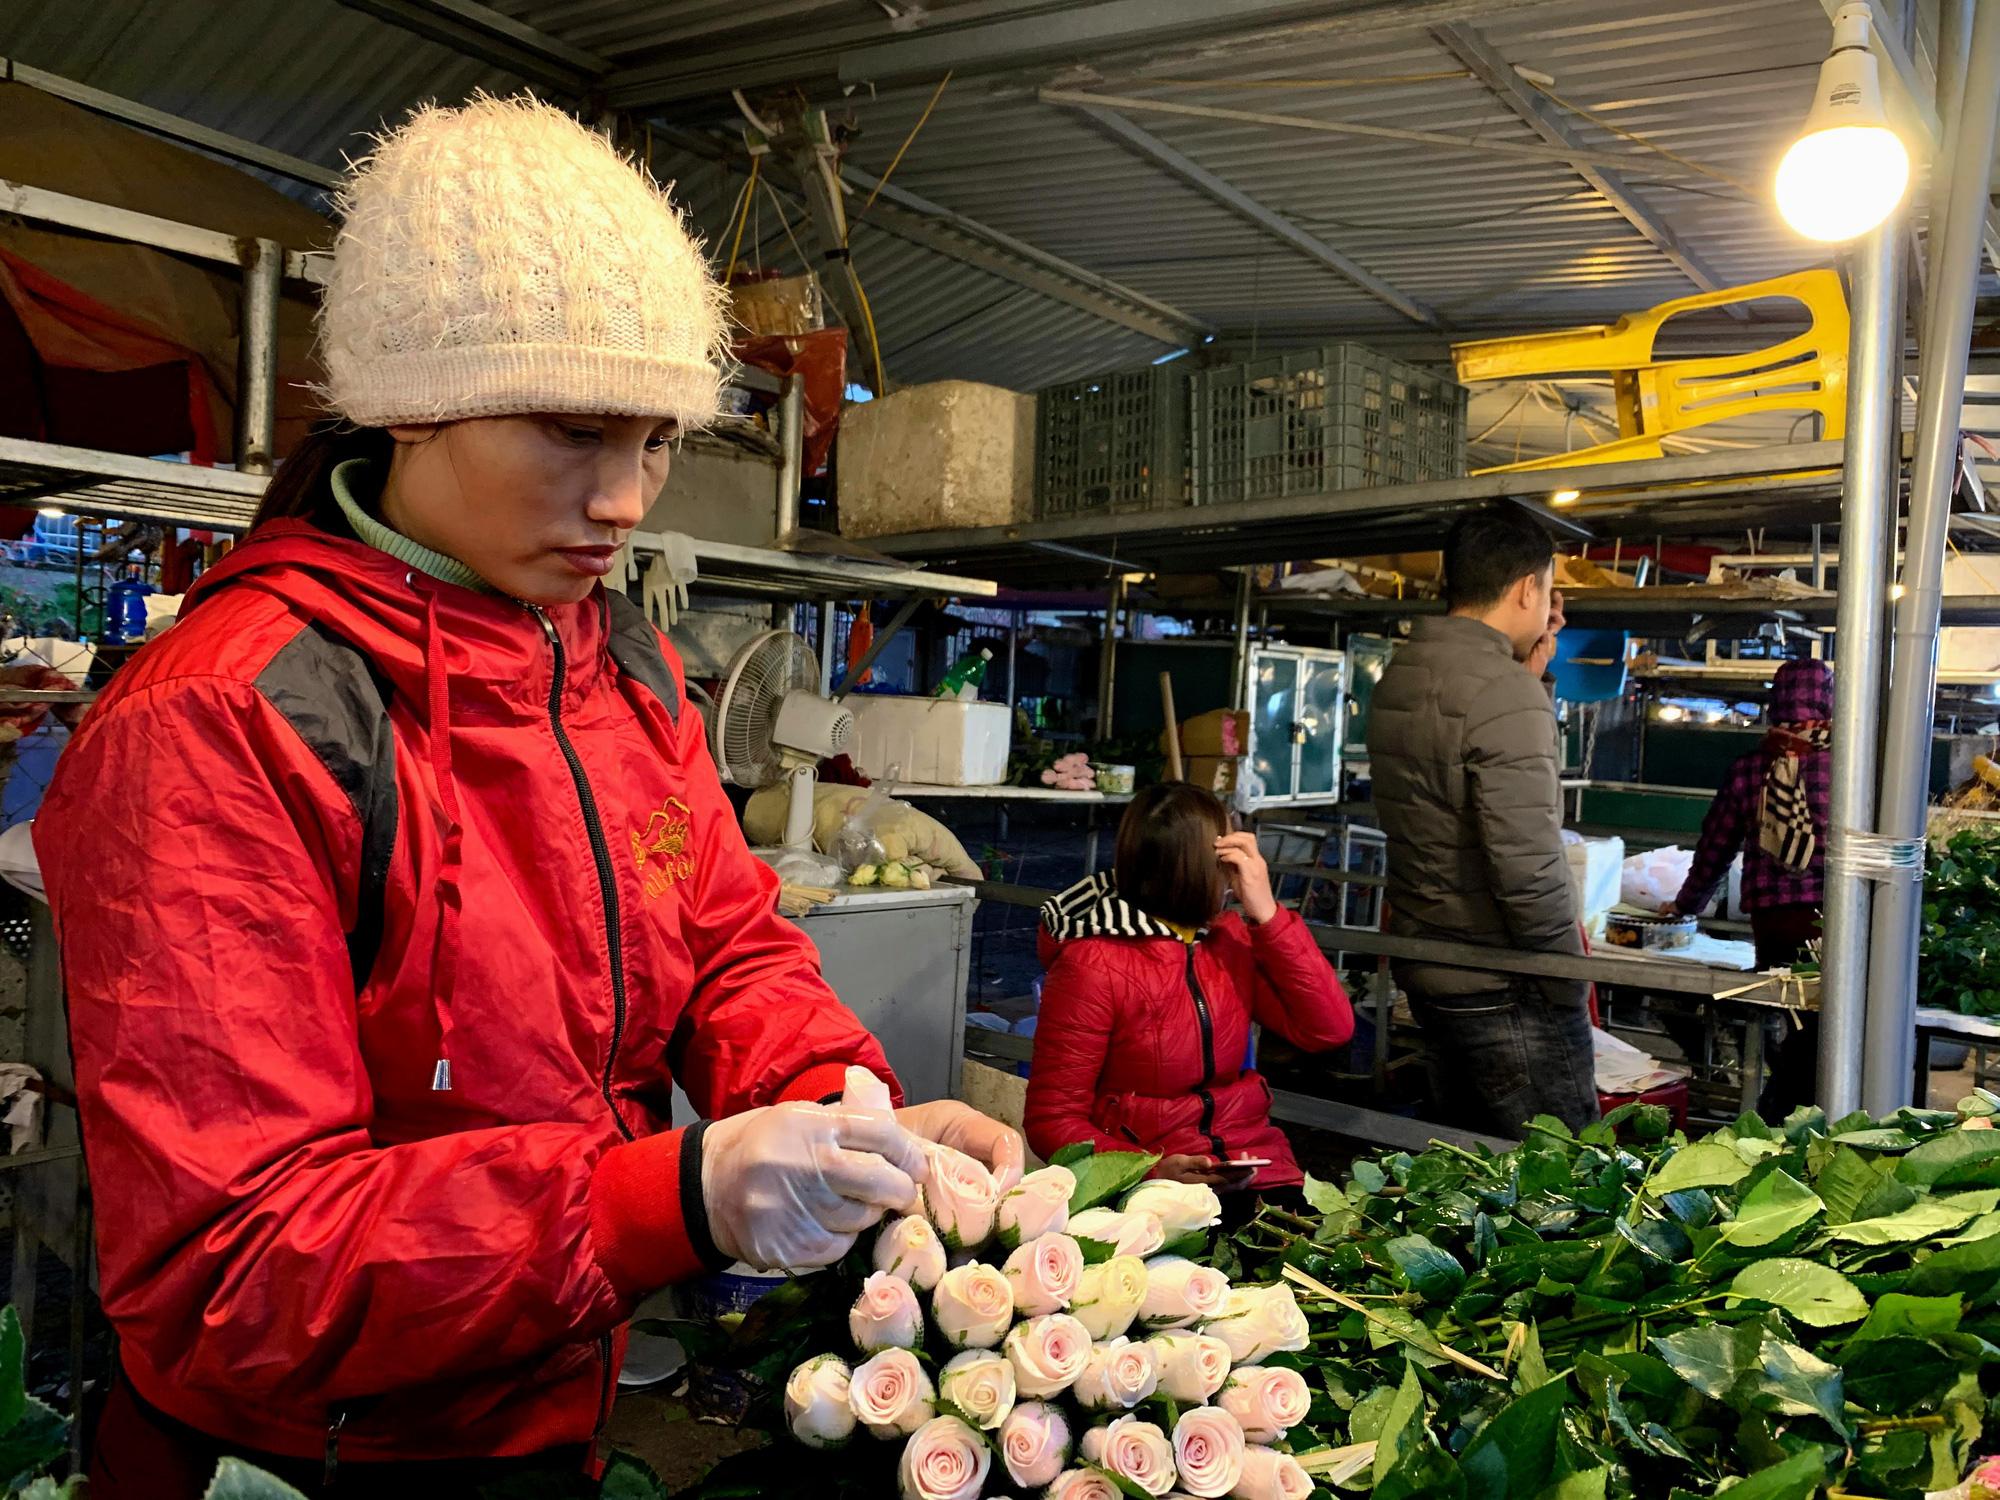 Chiều cuối năm, đột nhập chợ hoa xuân xem người Hà Nội sắm Tết - Ảnh 10.